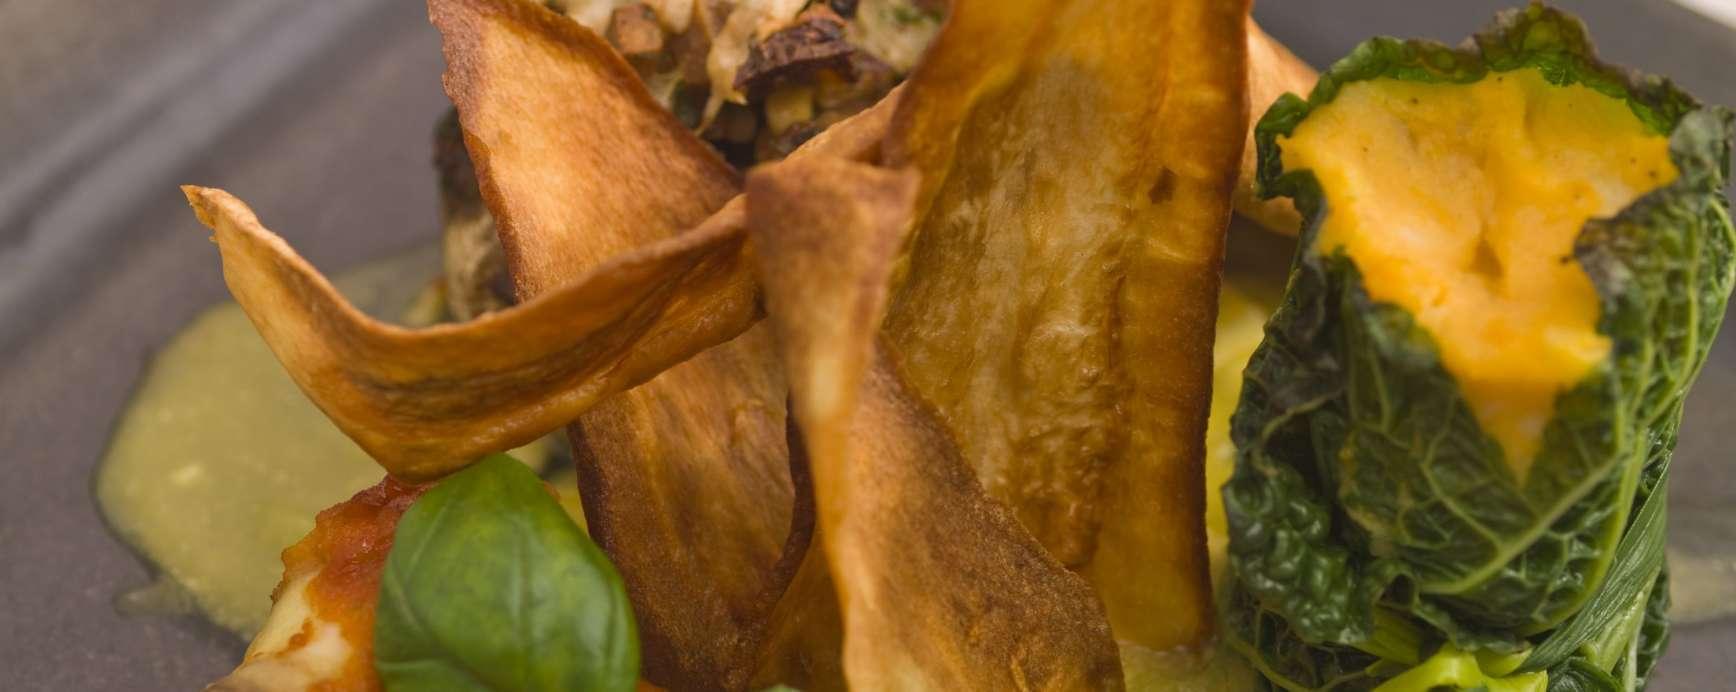 Trio van gevulde groenten met pompoen - geitenkaassaus